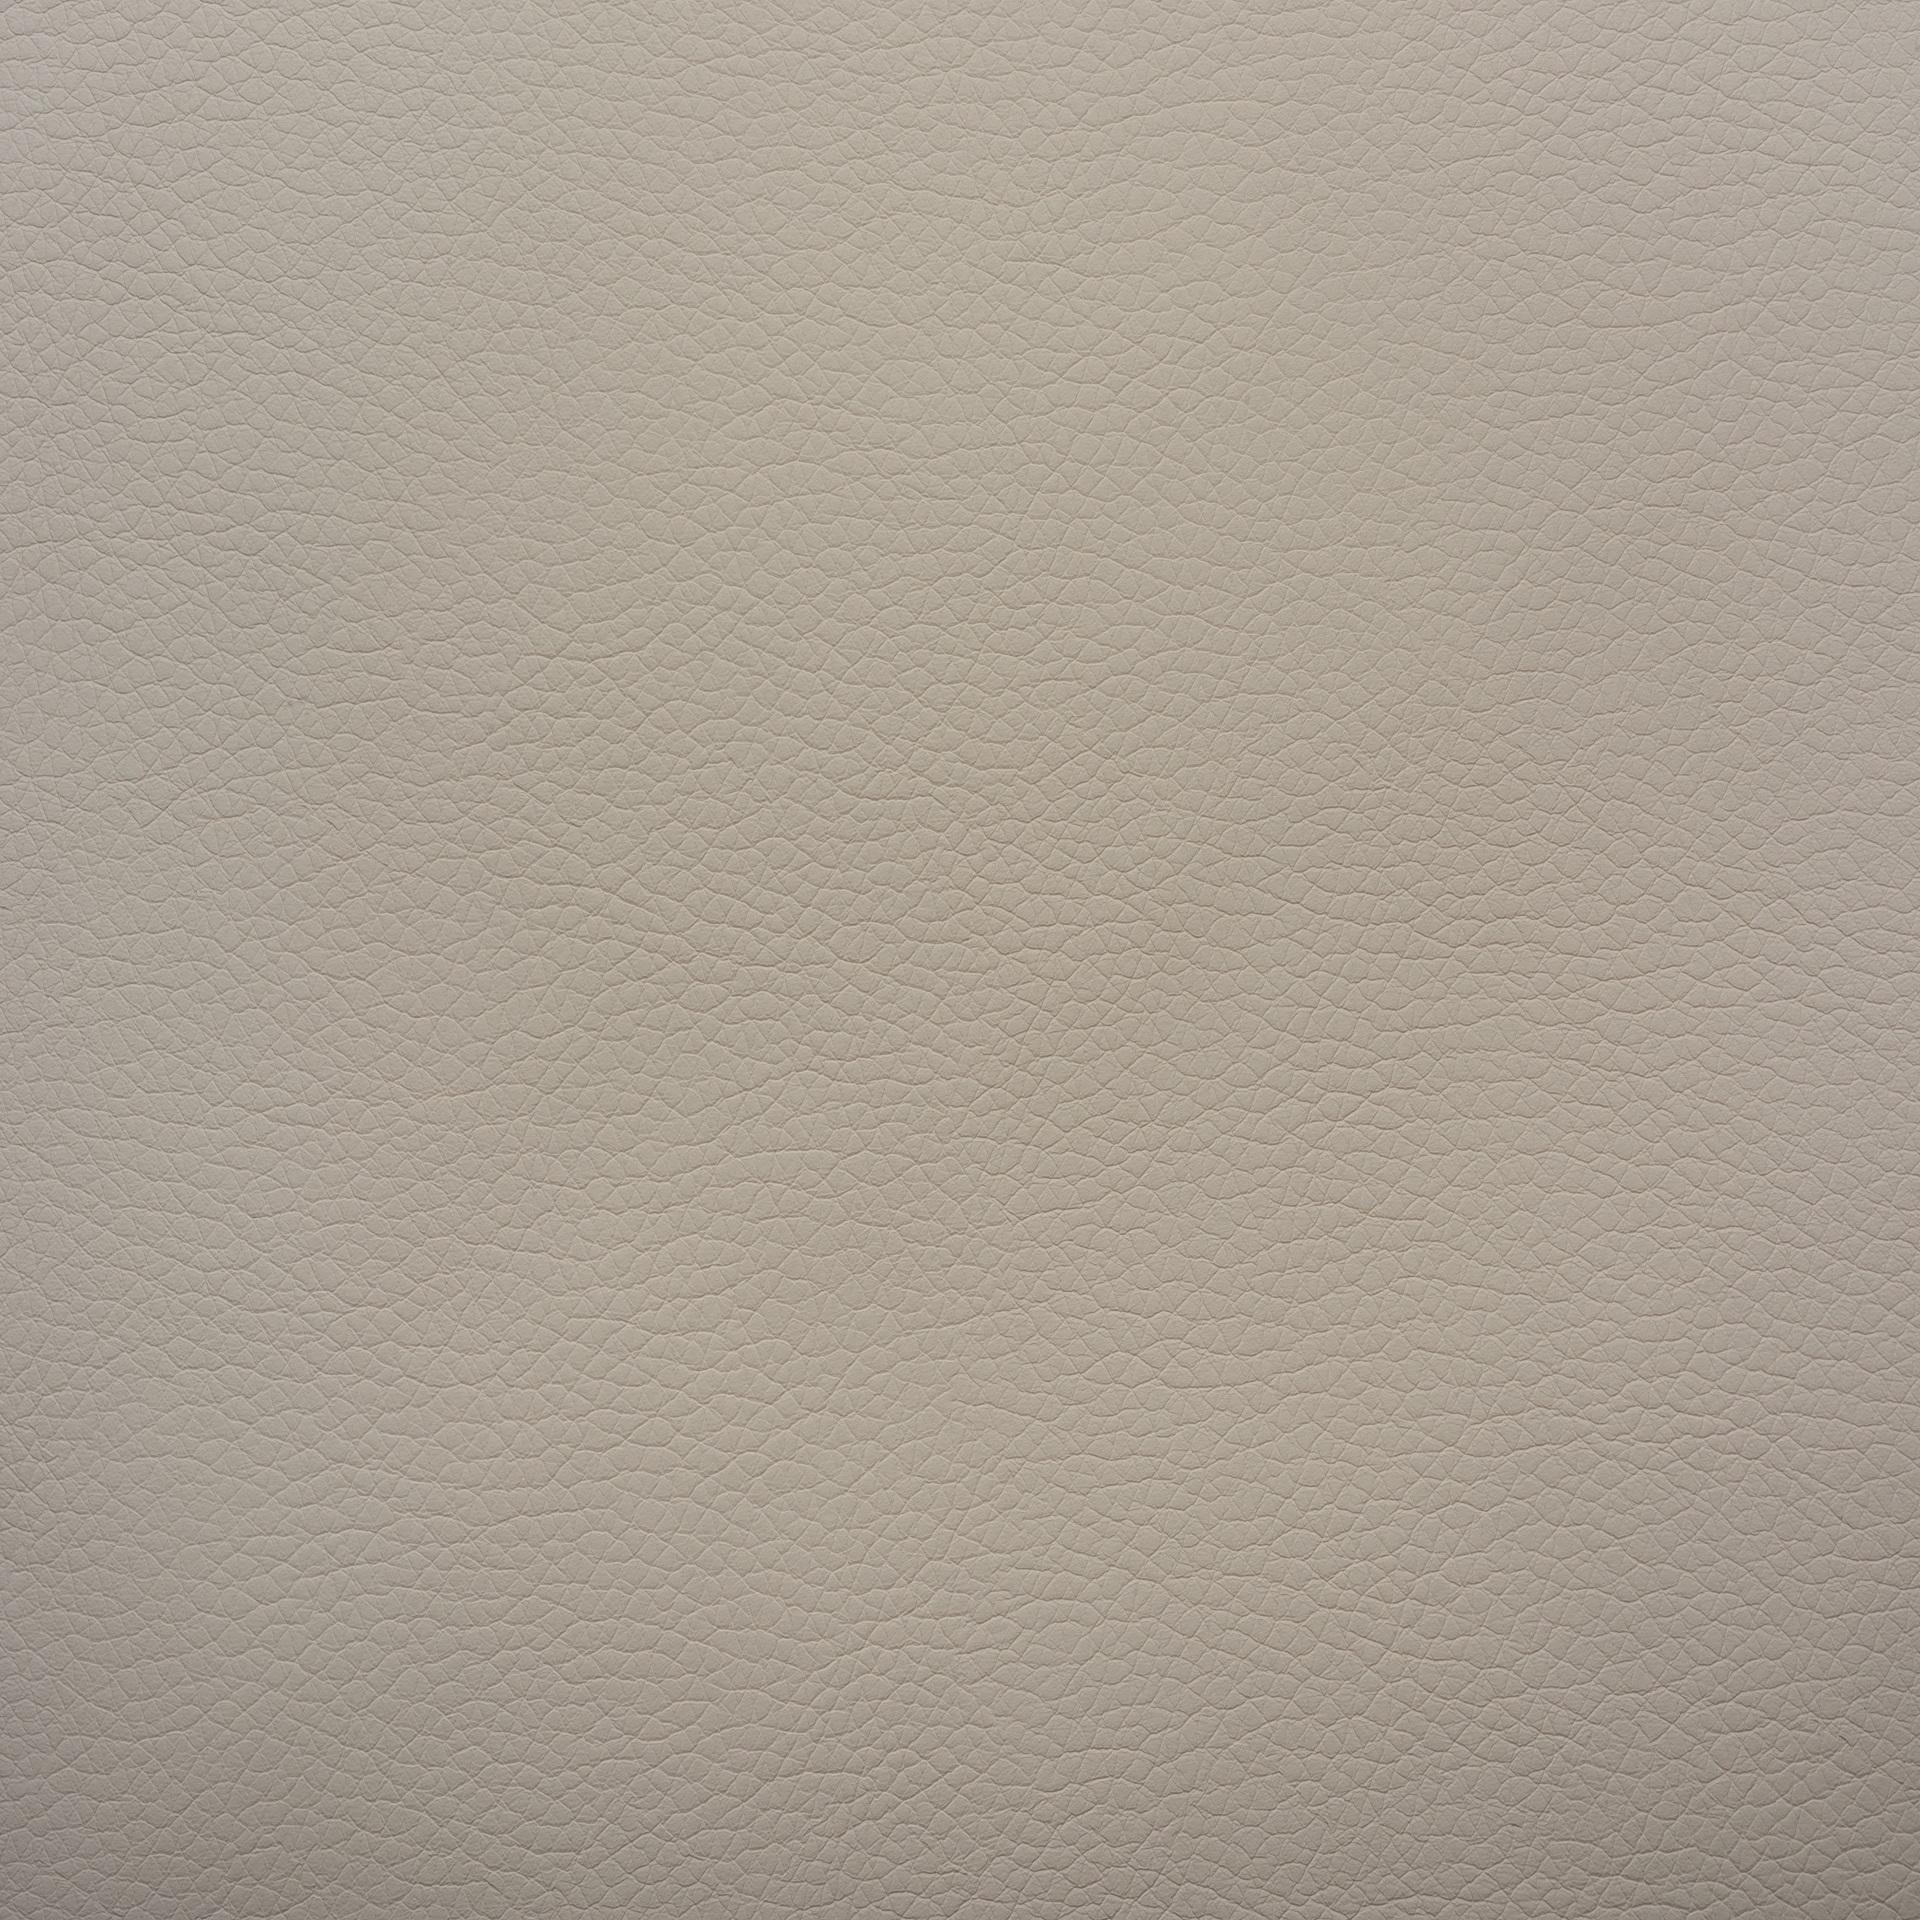 Коллекция ткани Флай 2307,  купить ткань Кож зам для мебели Украина